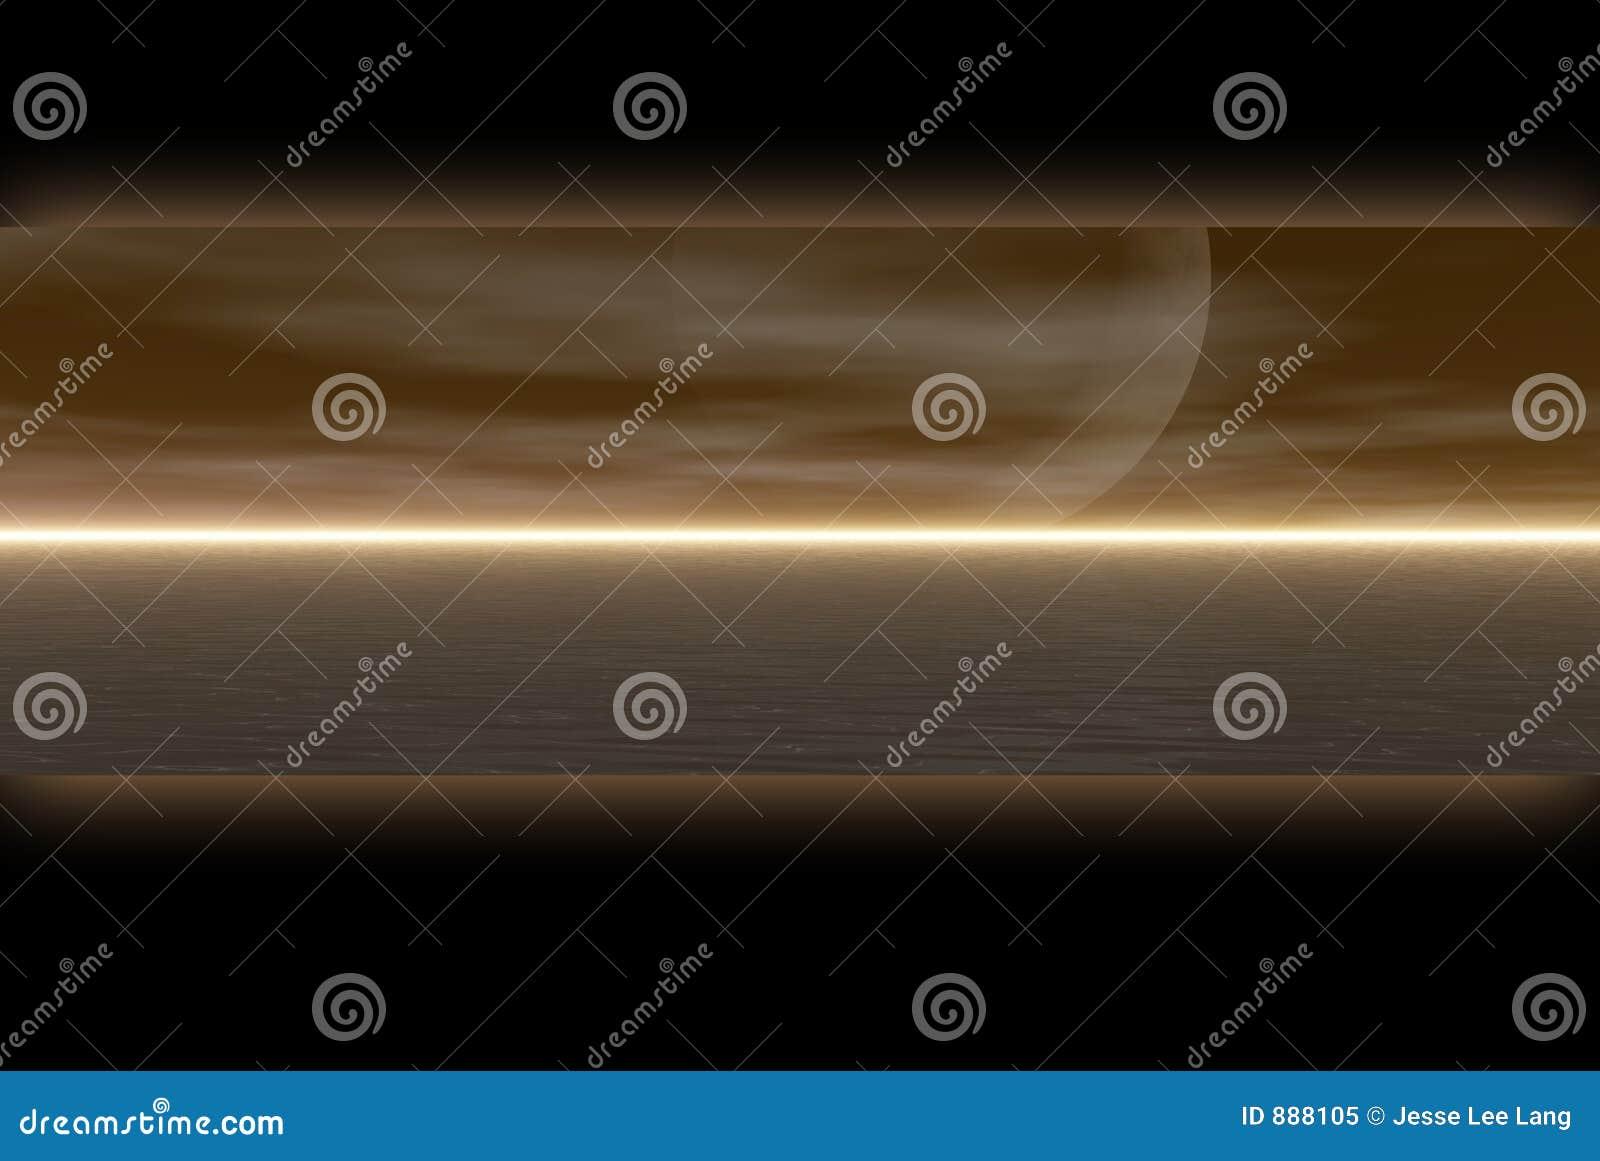 Dzień mgławy banner